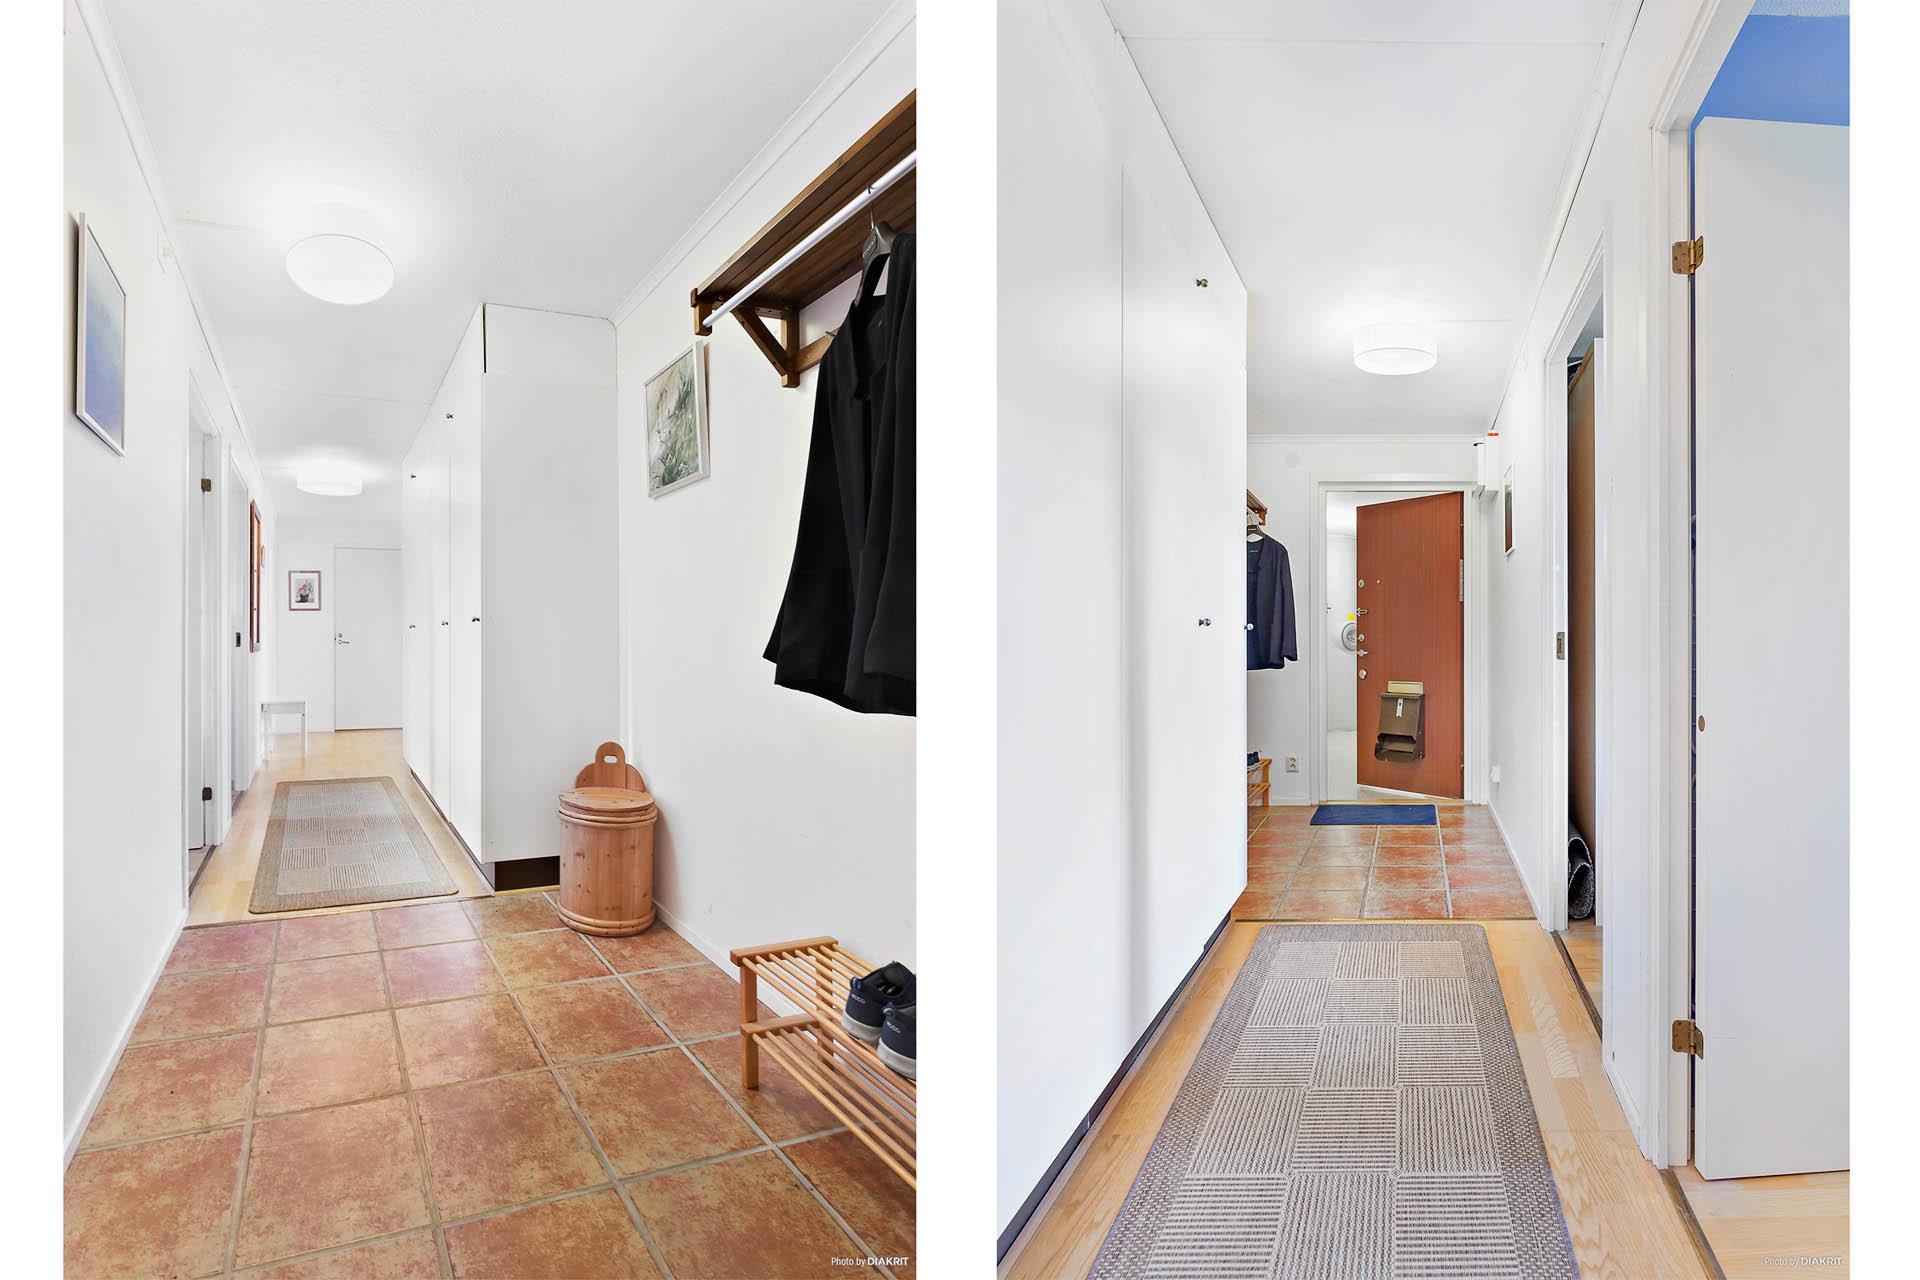 Rymlig hall som fördelar lägenhetens samtliga rum.